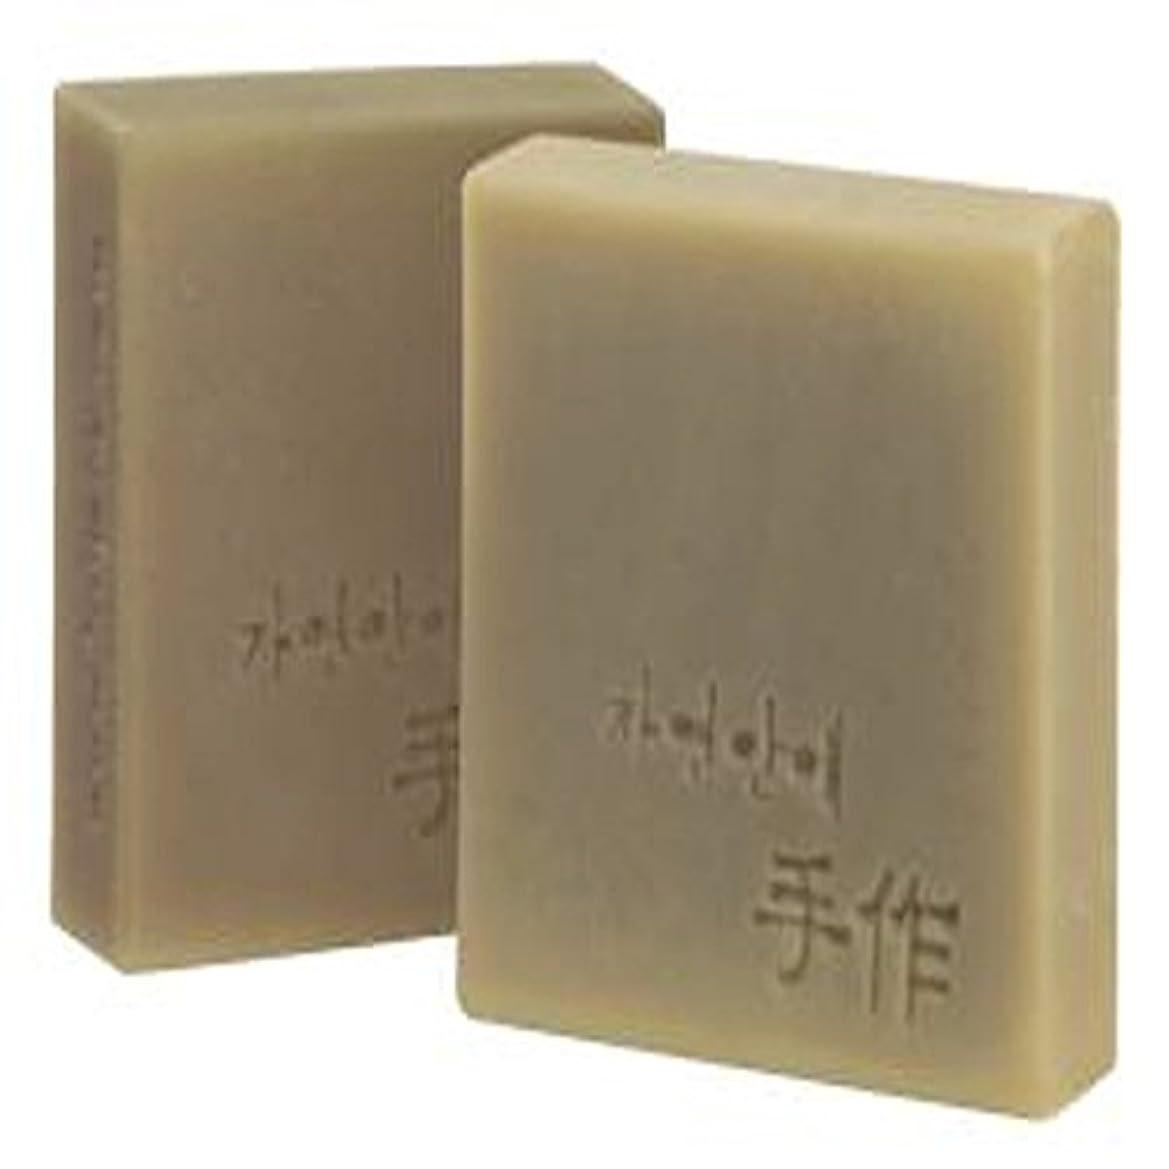 反論者ほこりものNatural organic 有機天然ソープ 固形 無添加 洗顔せっけんクレンジング 石鹸 [並行輸入品] (清州)